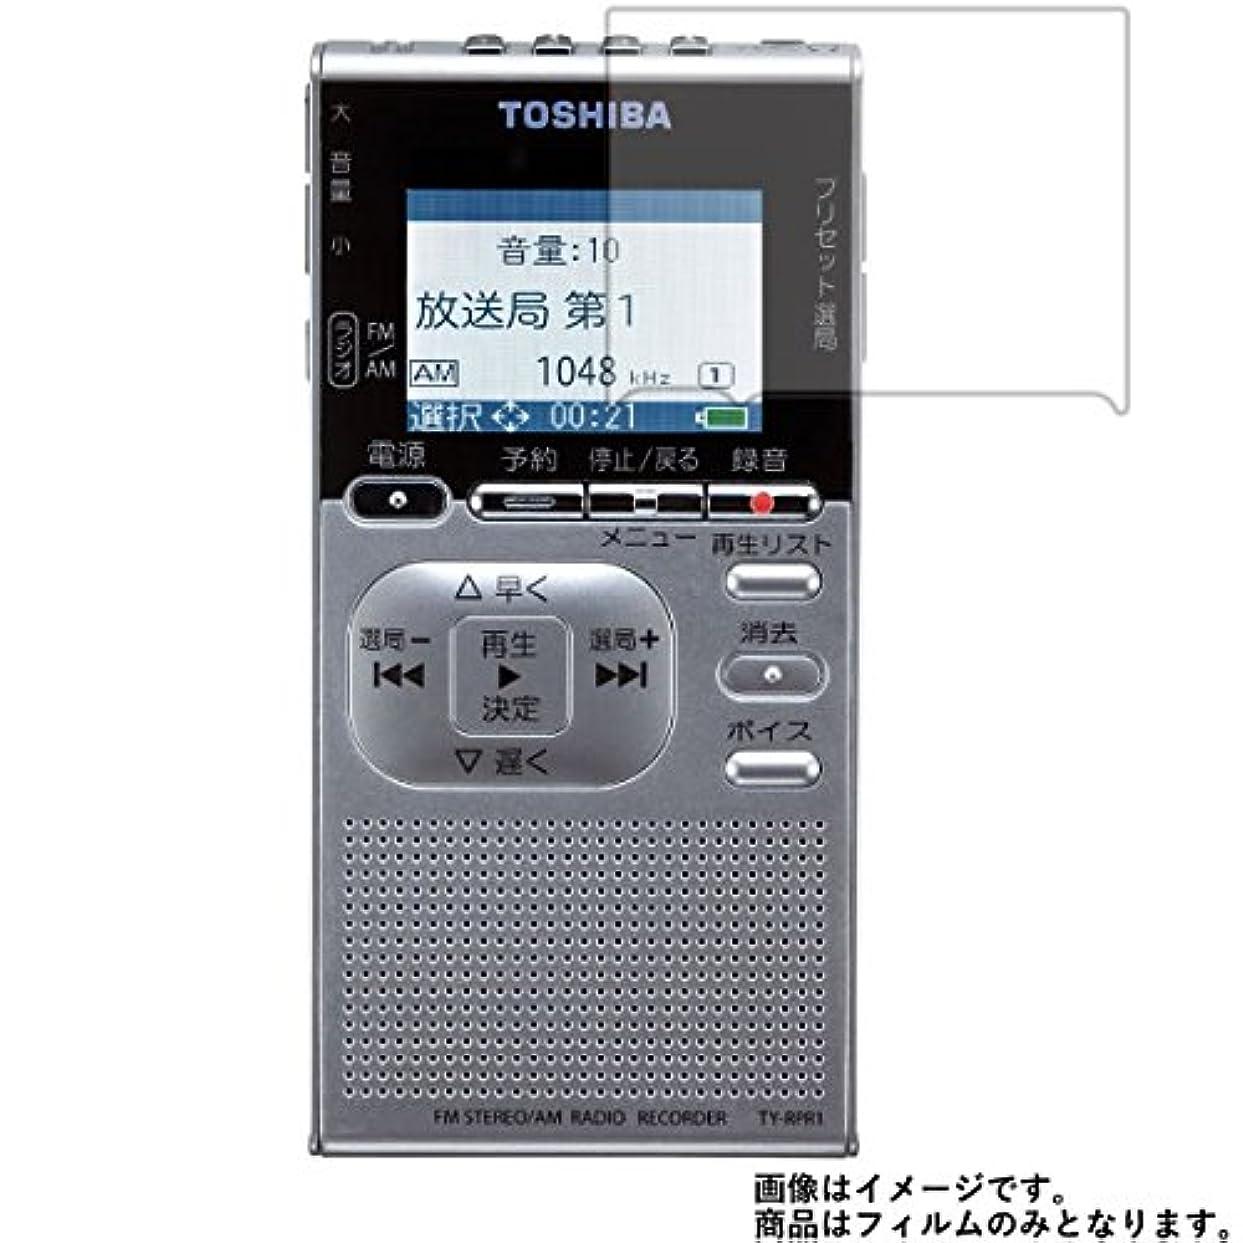 ストッキング素人同僚Toshiba TY-RPR1 用【反射防止ノンフィラータイプ】液晶保護フィルム ギラツキなし